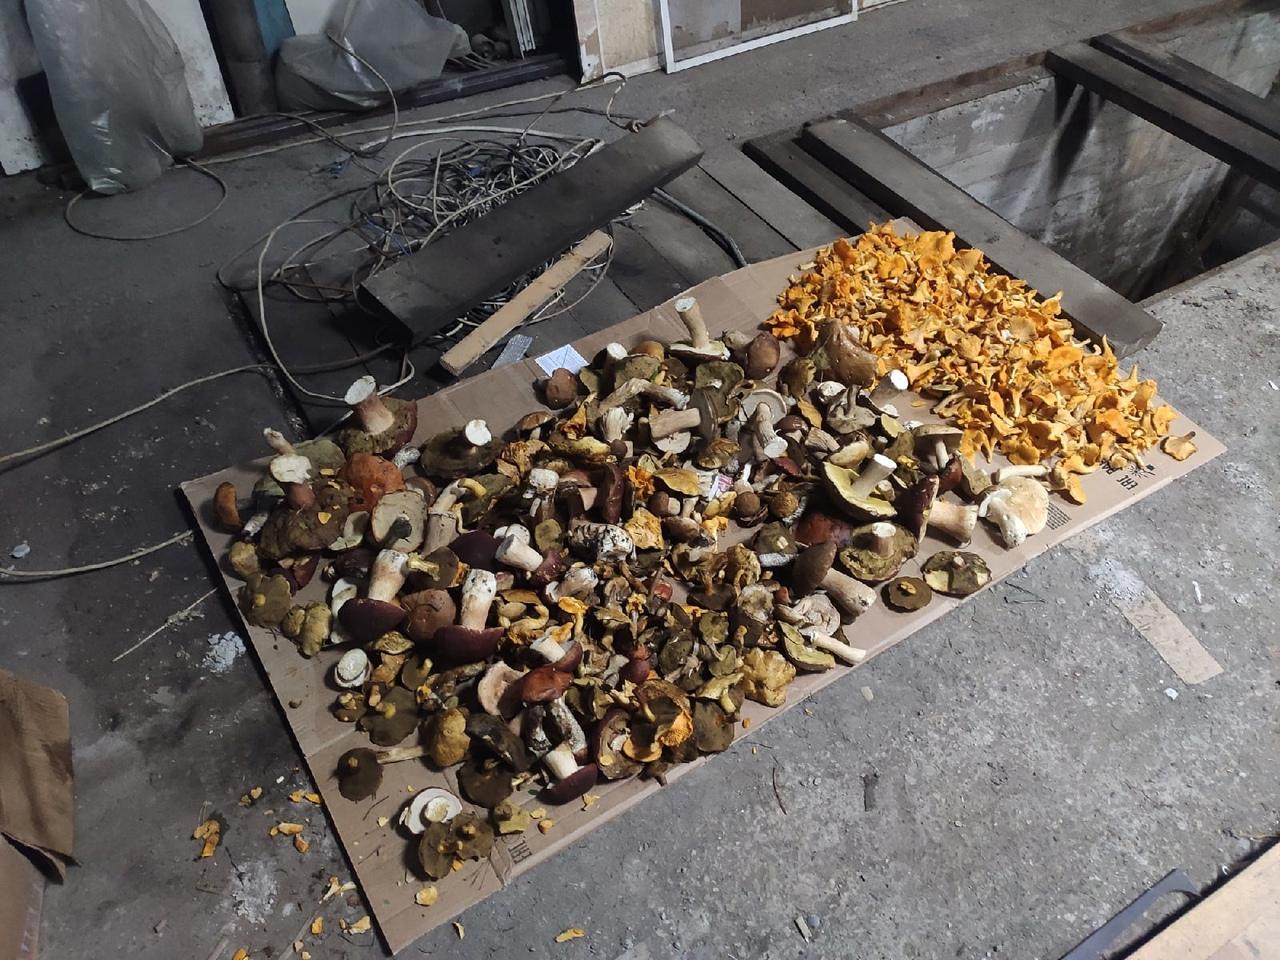 Фото Грибное безумие выходных – новосибирцы хвастаются добычей: где и сколько грибов нашли в августе 2021 года 5